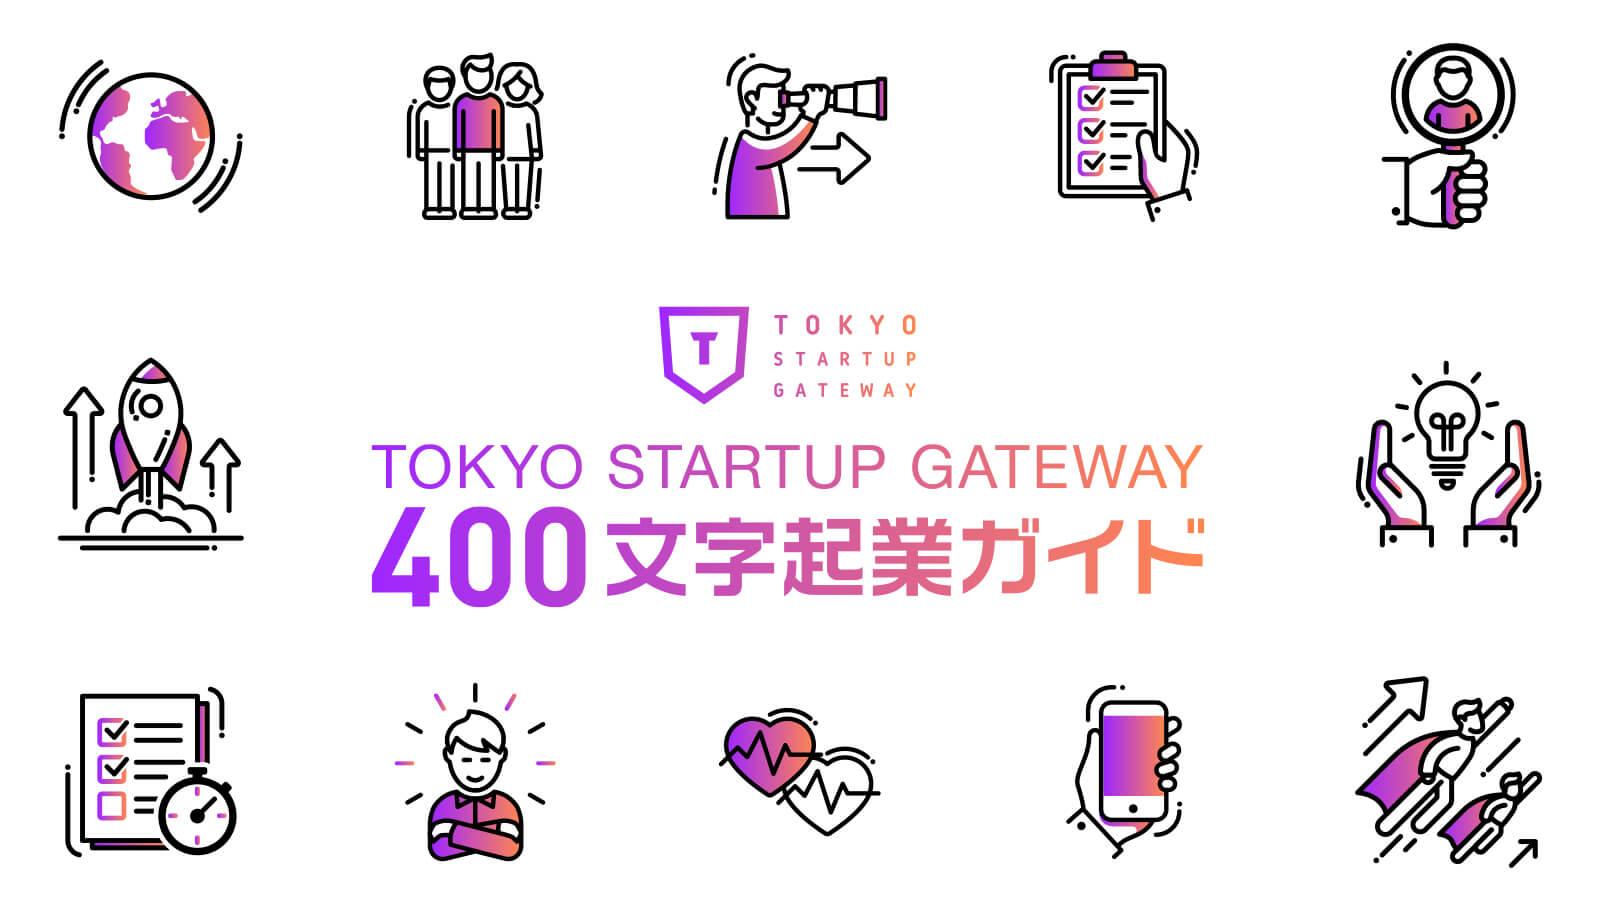 TOKYO STARTUP GATEWAY 400文字起業ガイド